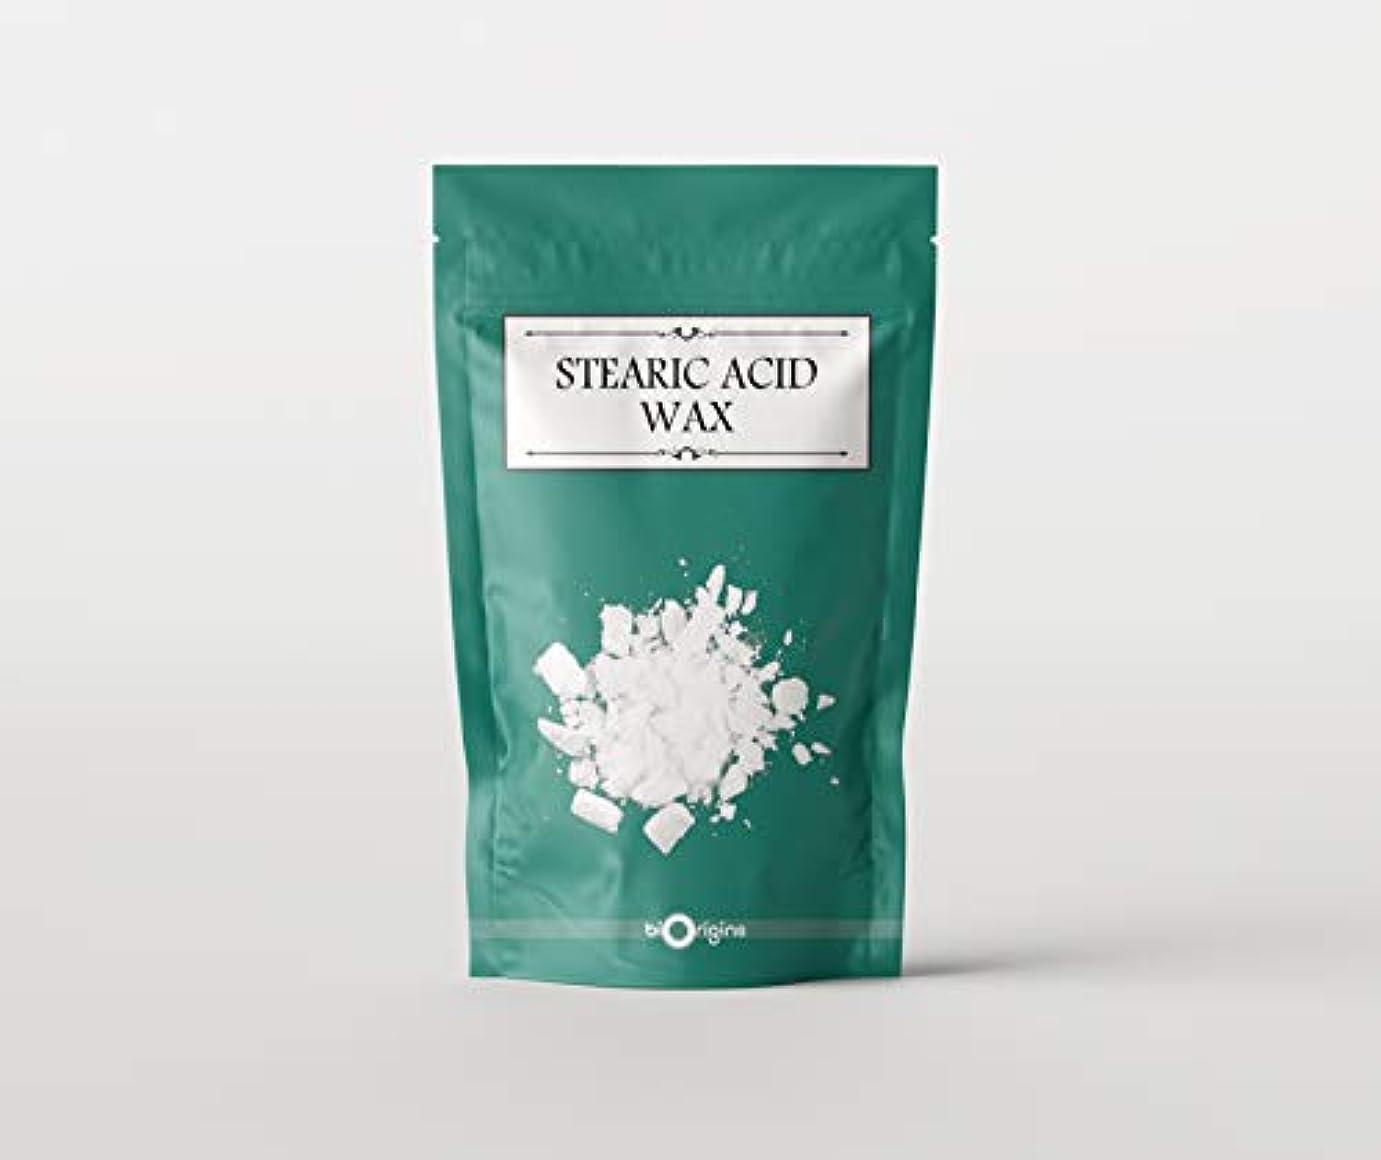 論理きょうだいサイズStearic Acid Wax 500g